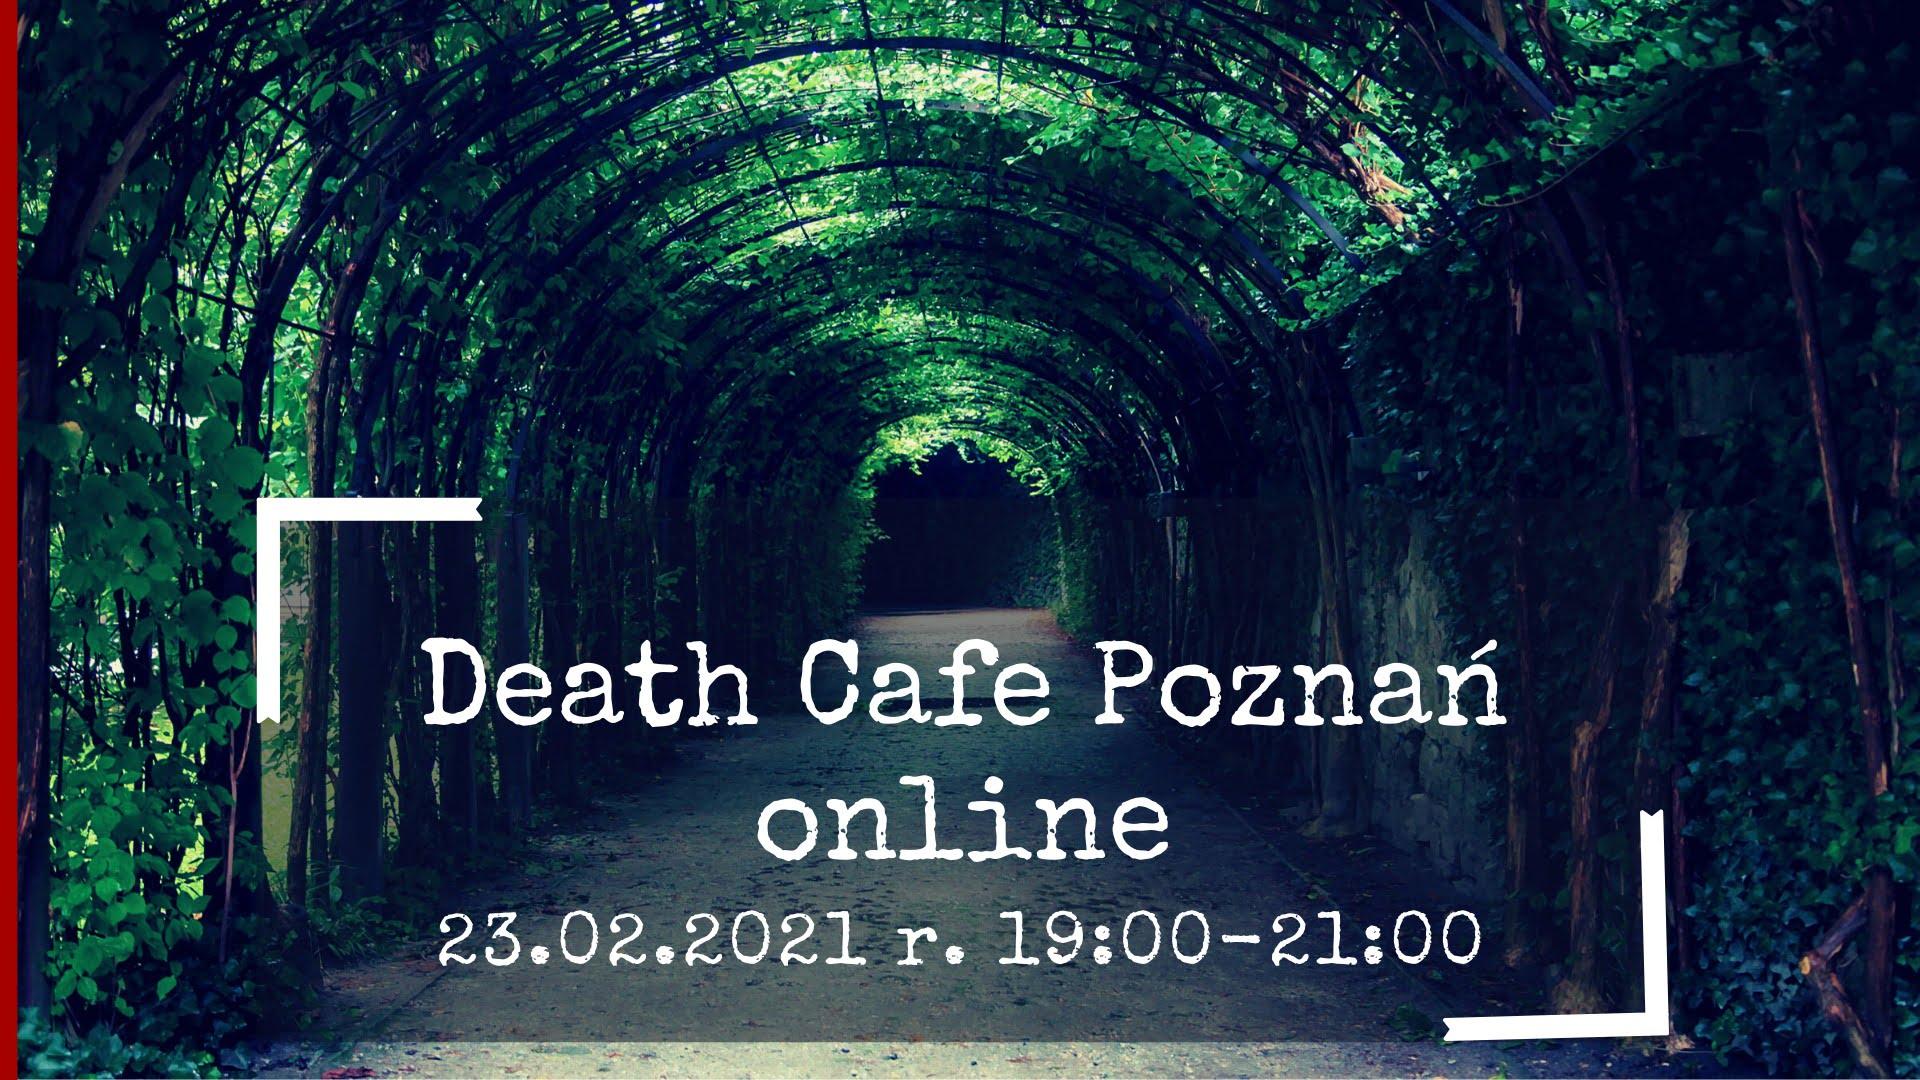 Death Cafe Poznan Online